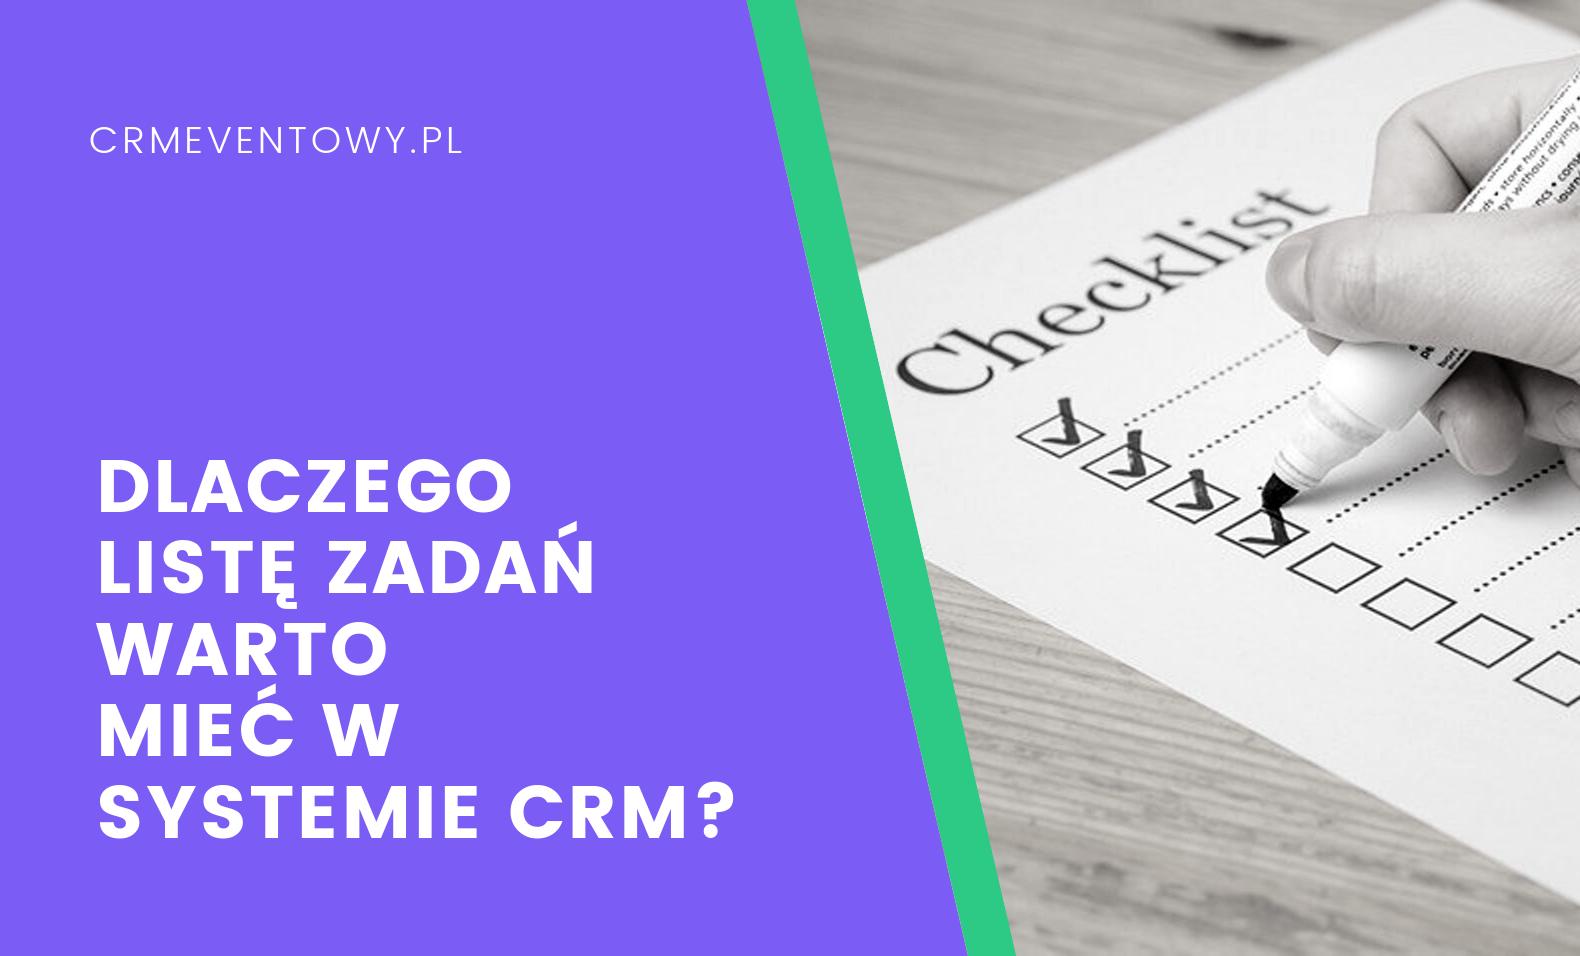 Dlaczego listę zadań warto mieć w systemie CRM?